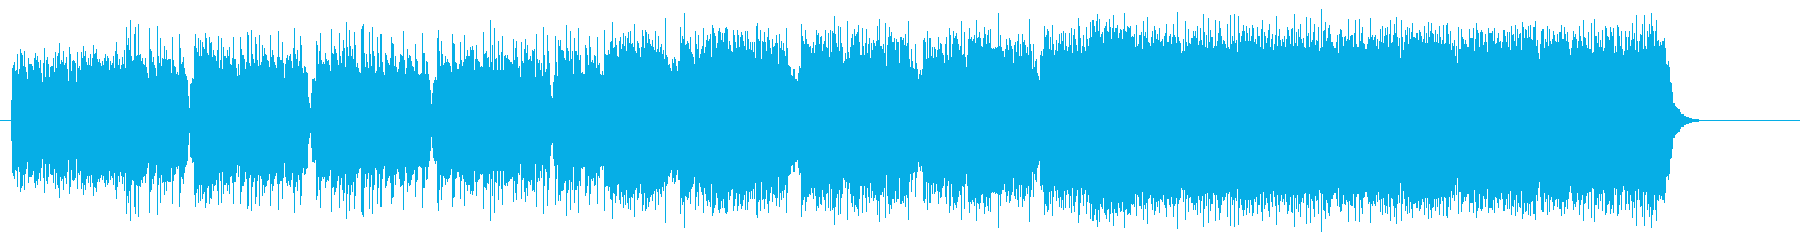 パワー・メタル(ダイナミック!)の再生済みの波形